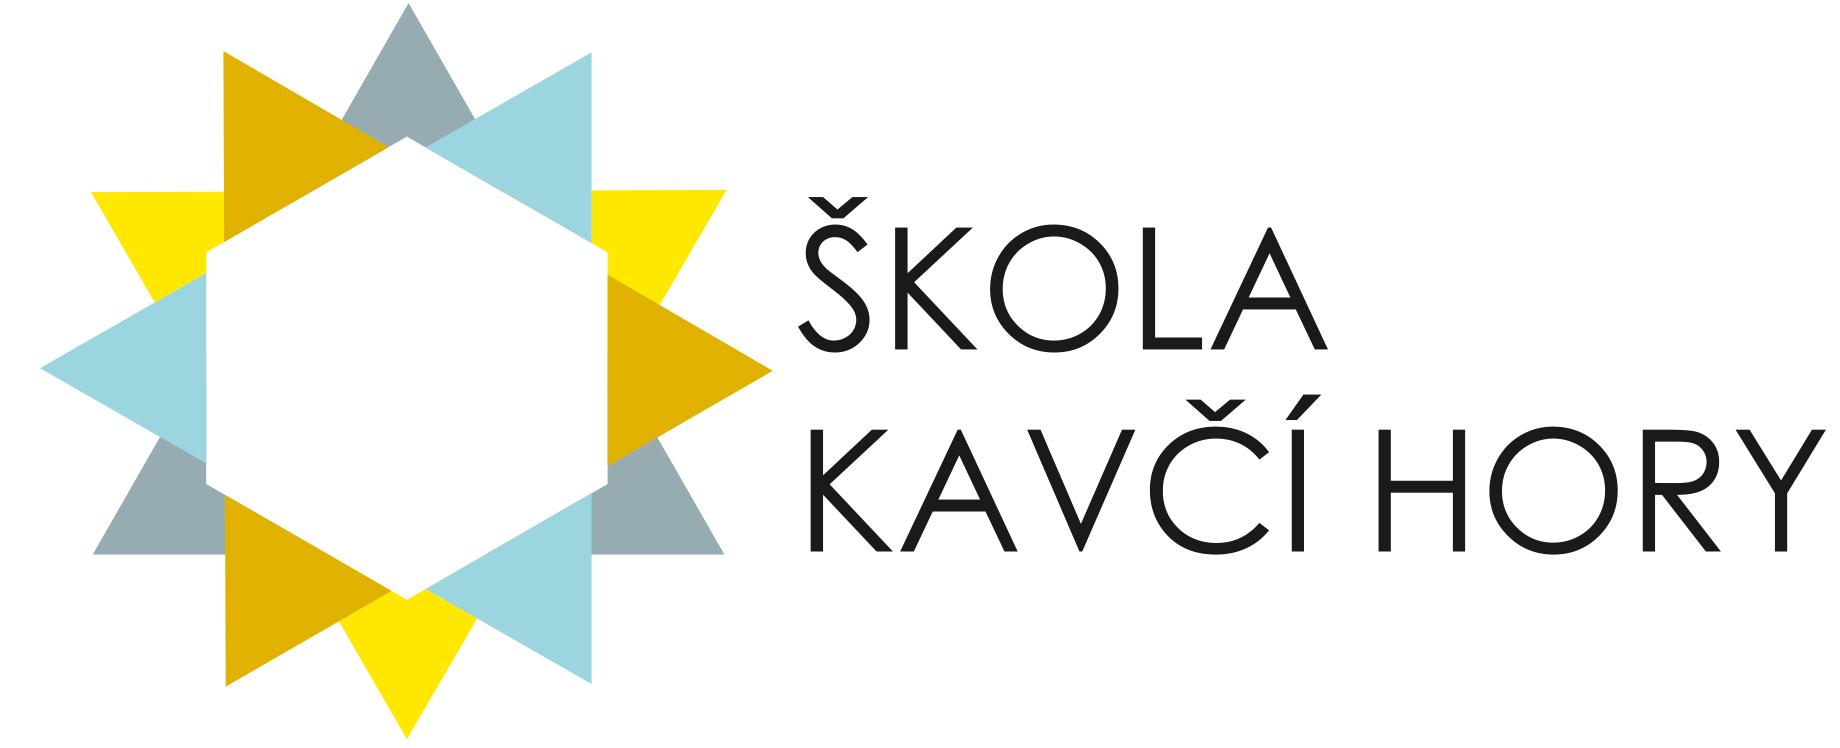 Škola Kavčí hory - Střední odborná škola služeb logo